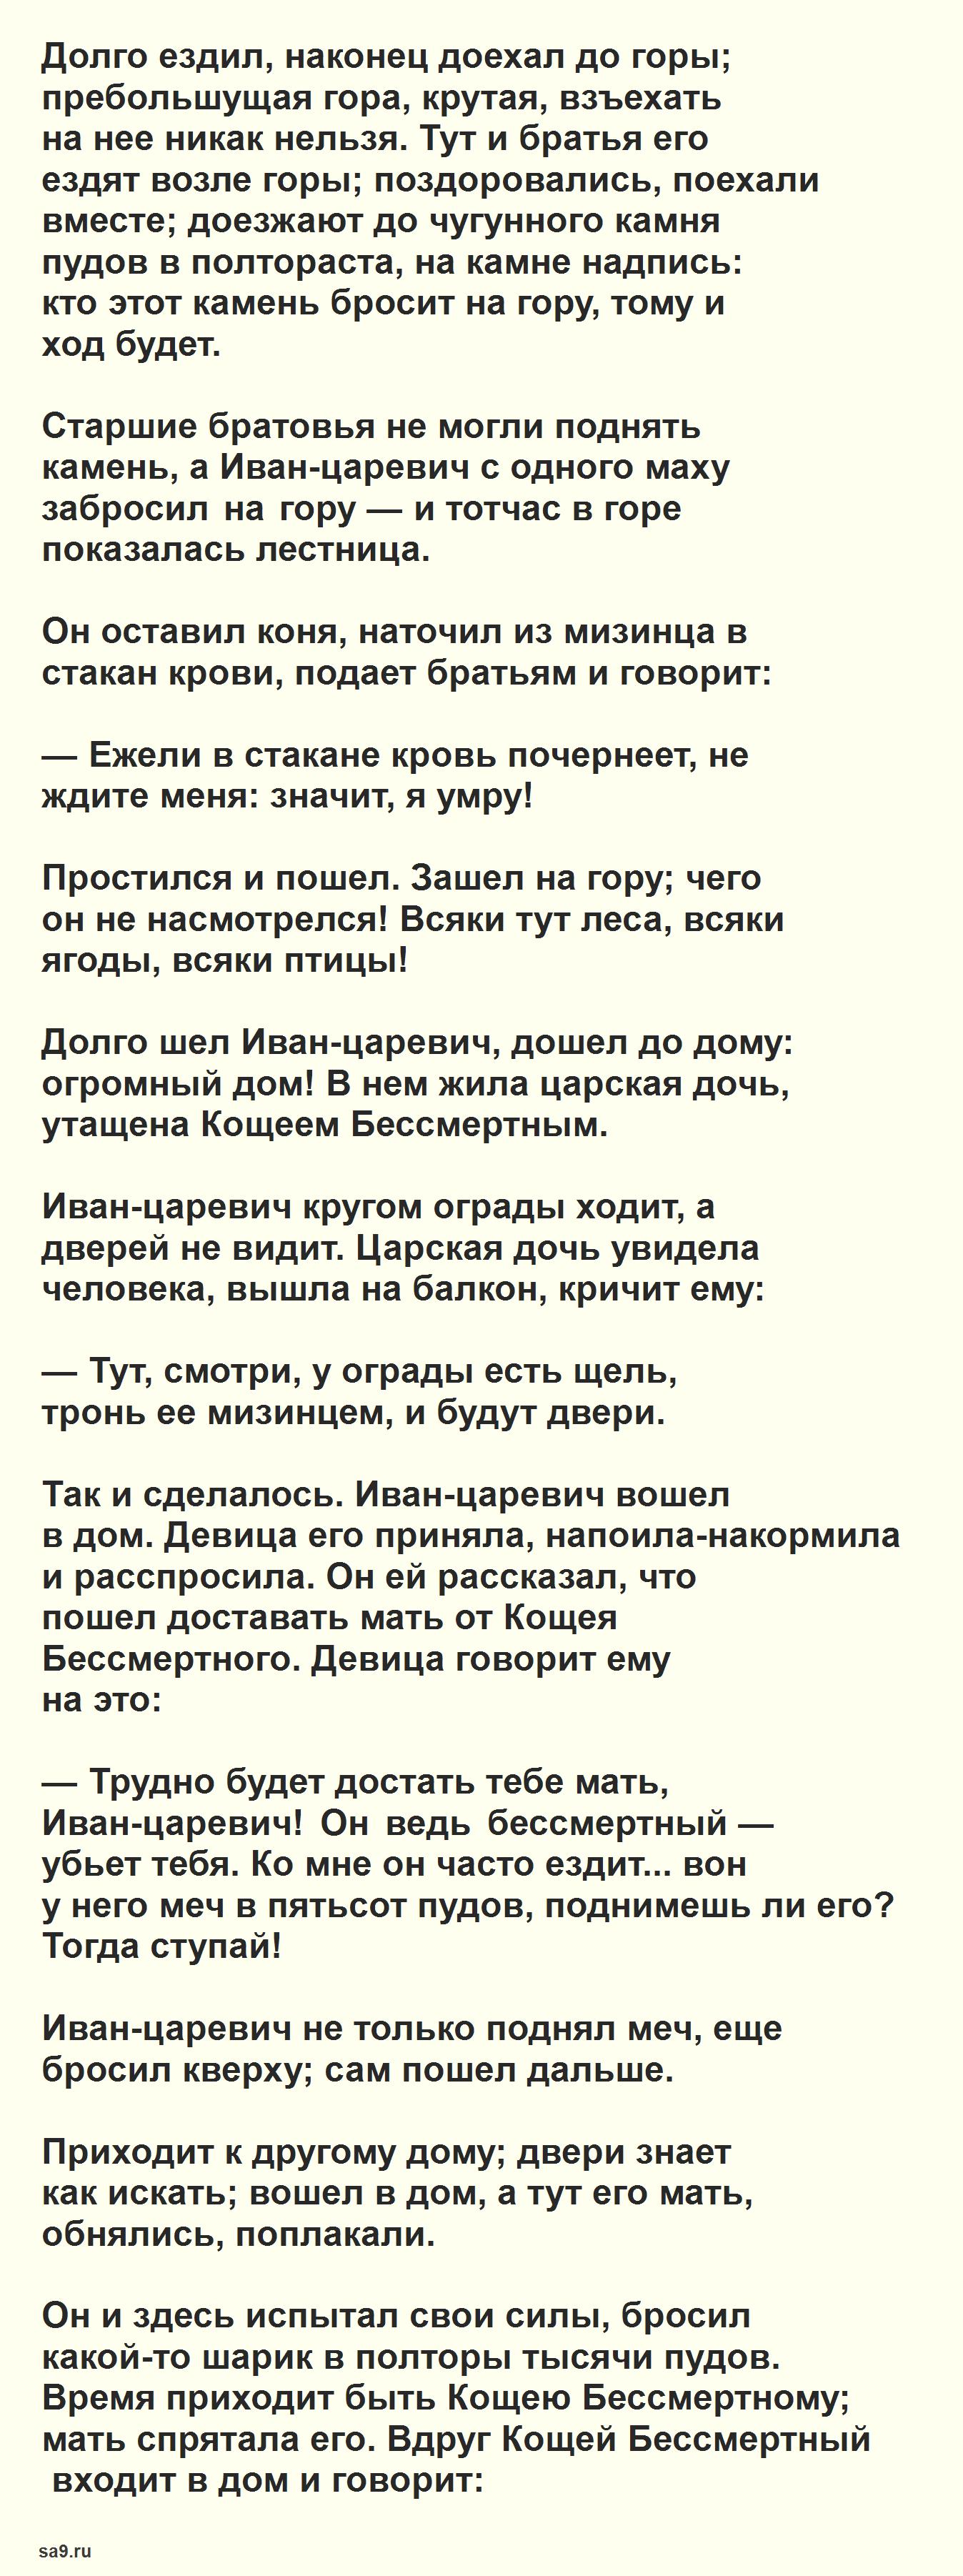 Русская народная сказка - Кощей Бессмертный, читать онлайн бесплатно